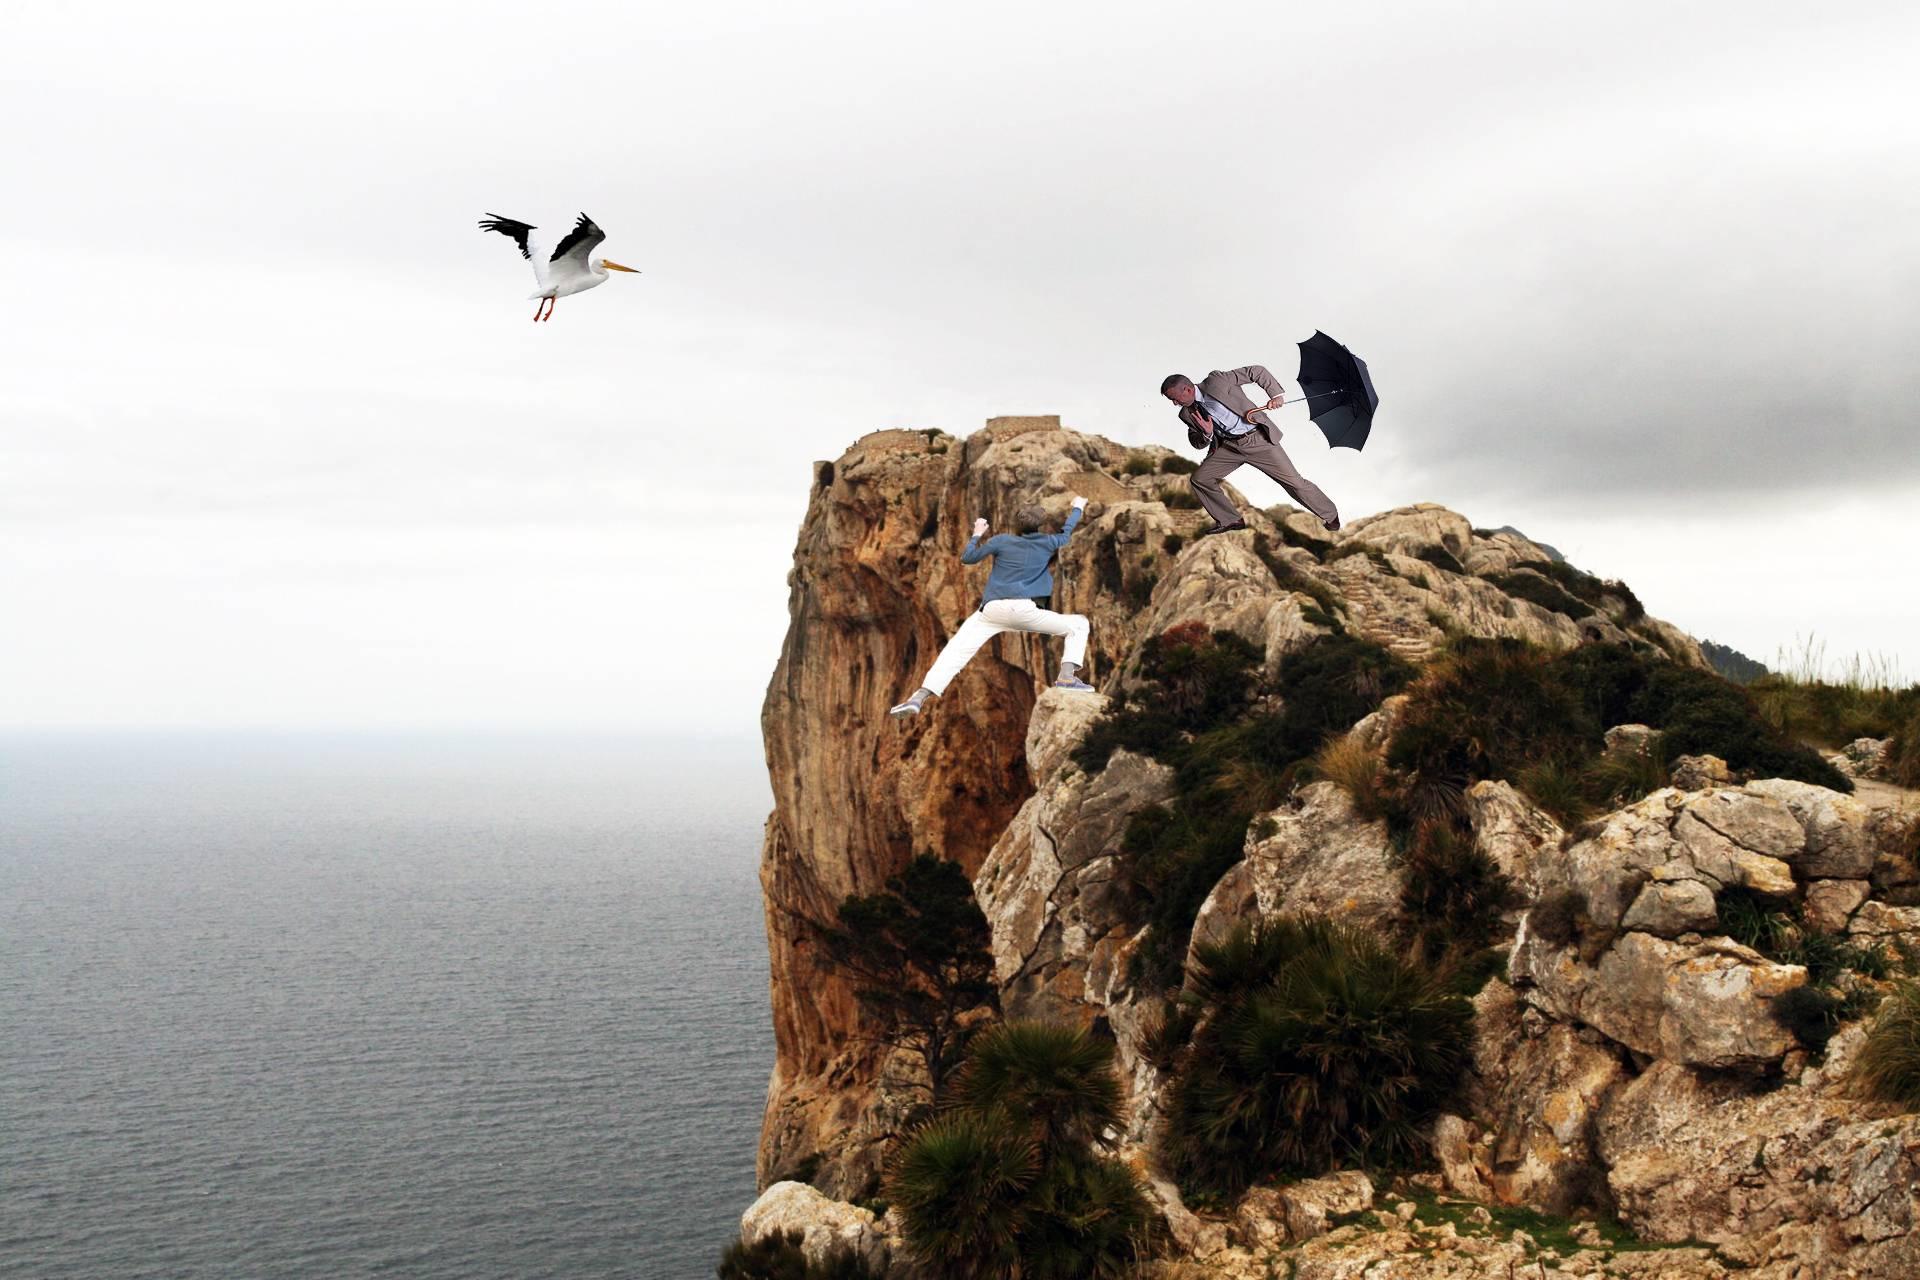 обои : мужчины, скала, обрыв, пропасть картинки фото